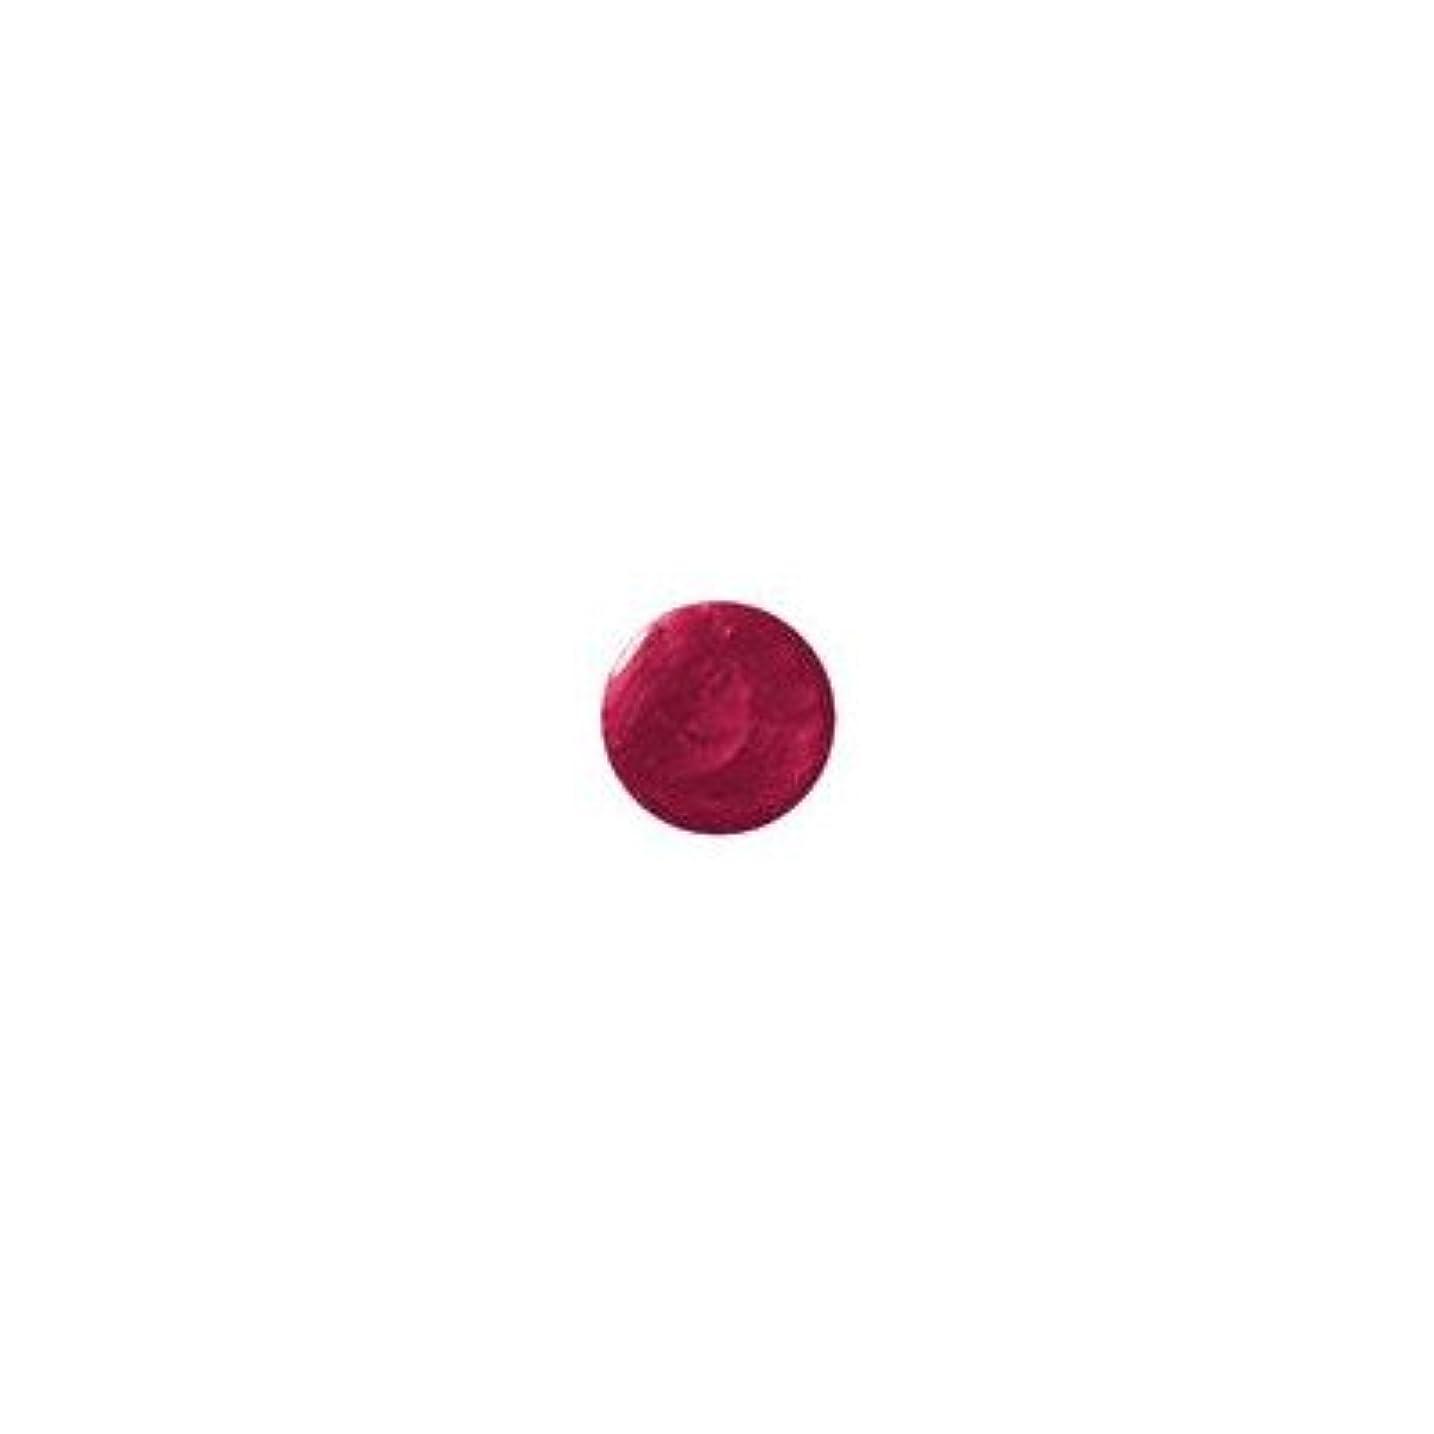 嫌がらせマトン地理ジェレレーション カラー463Fパッショネイトキッシーズ